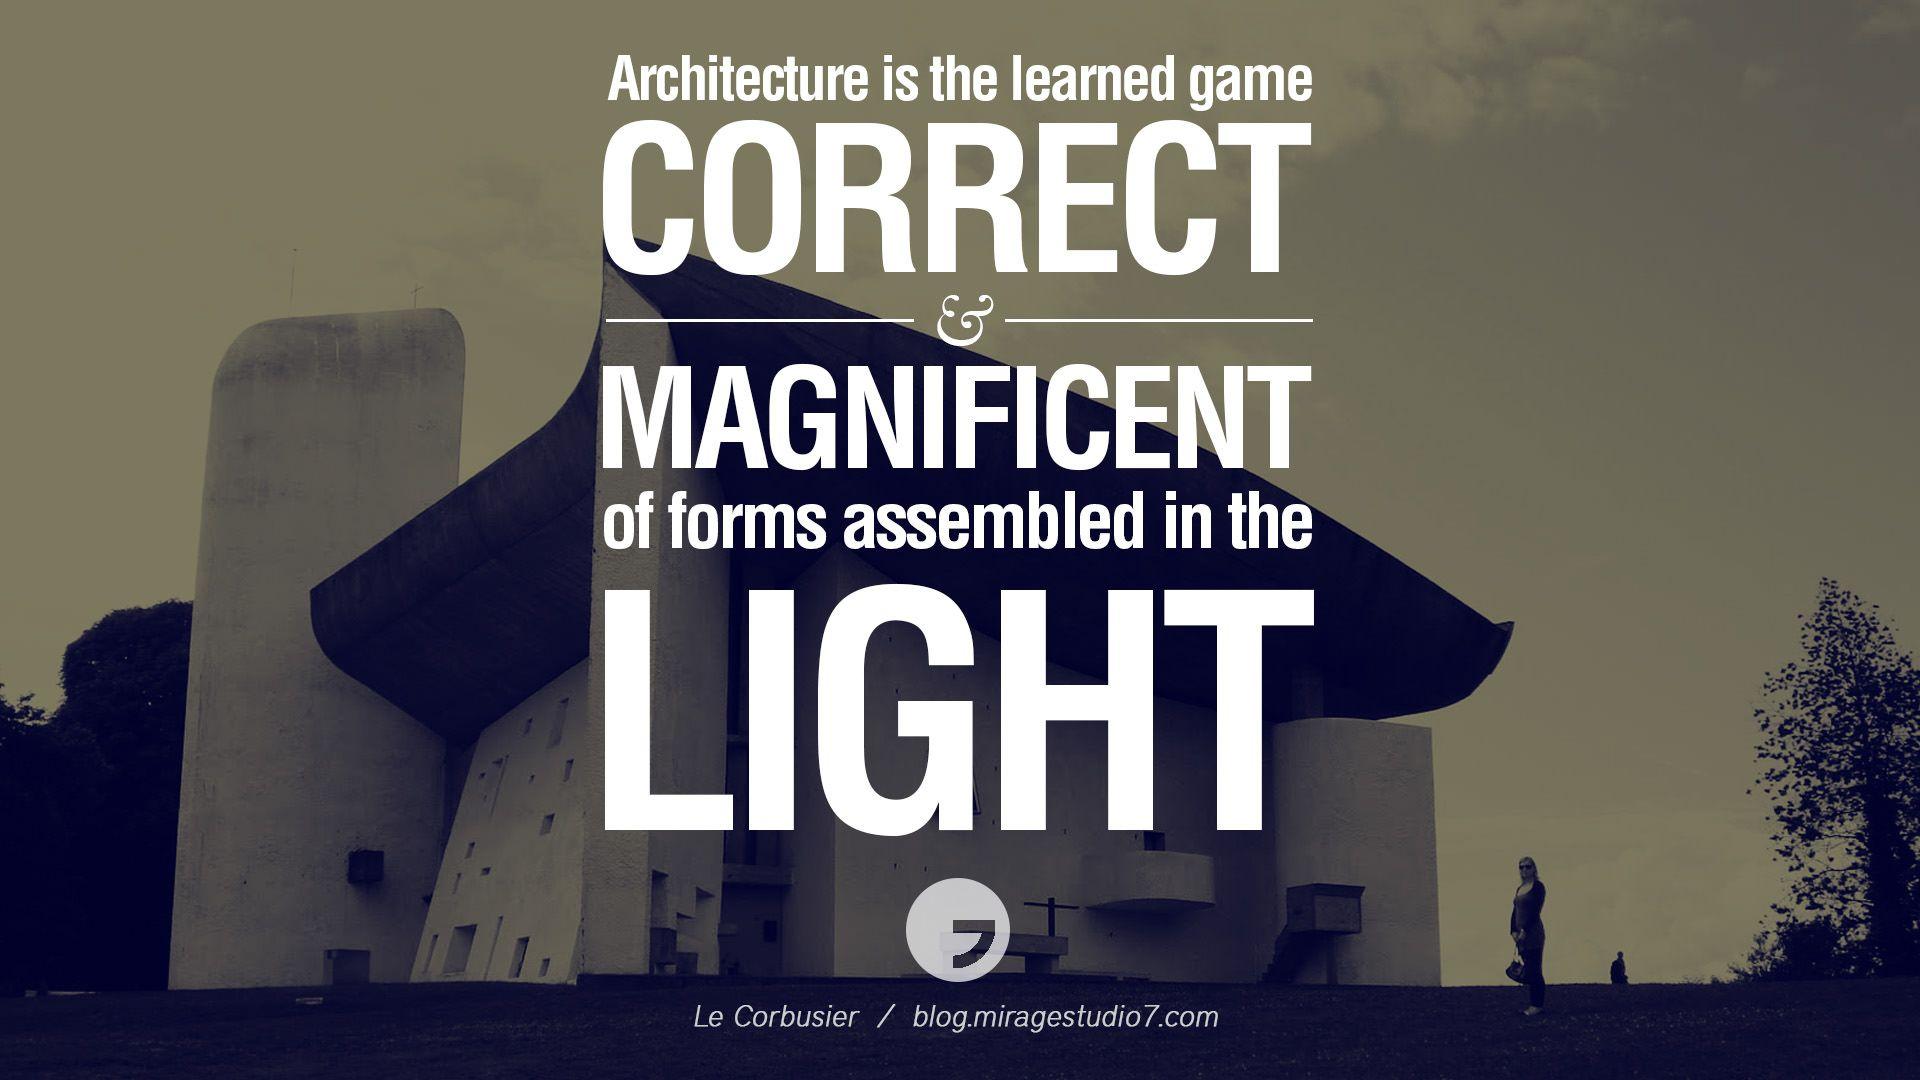 Interior Design Quotes Architecturearchitectquotesfamous05 1920×1080  Quotes